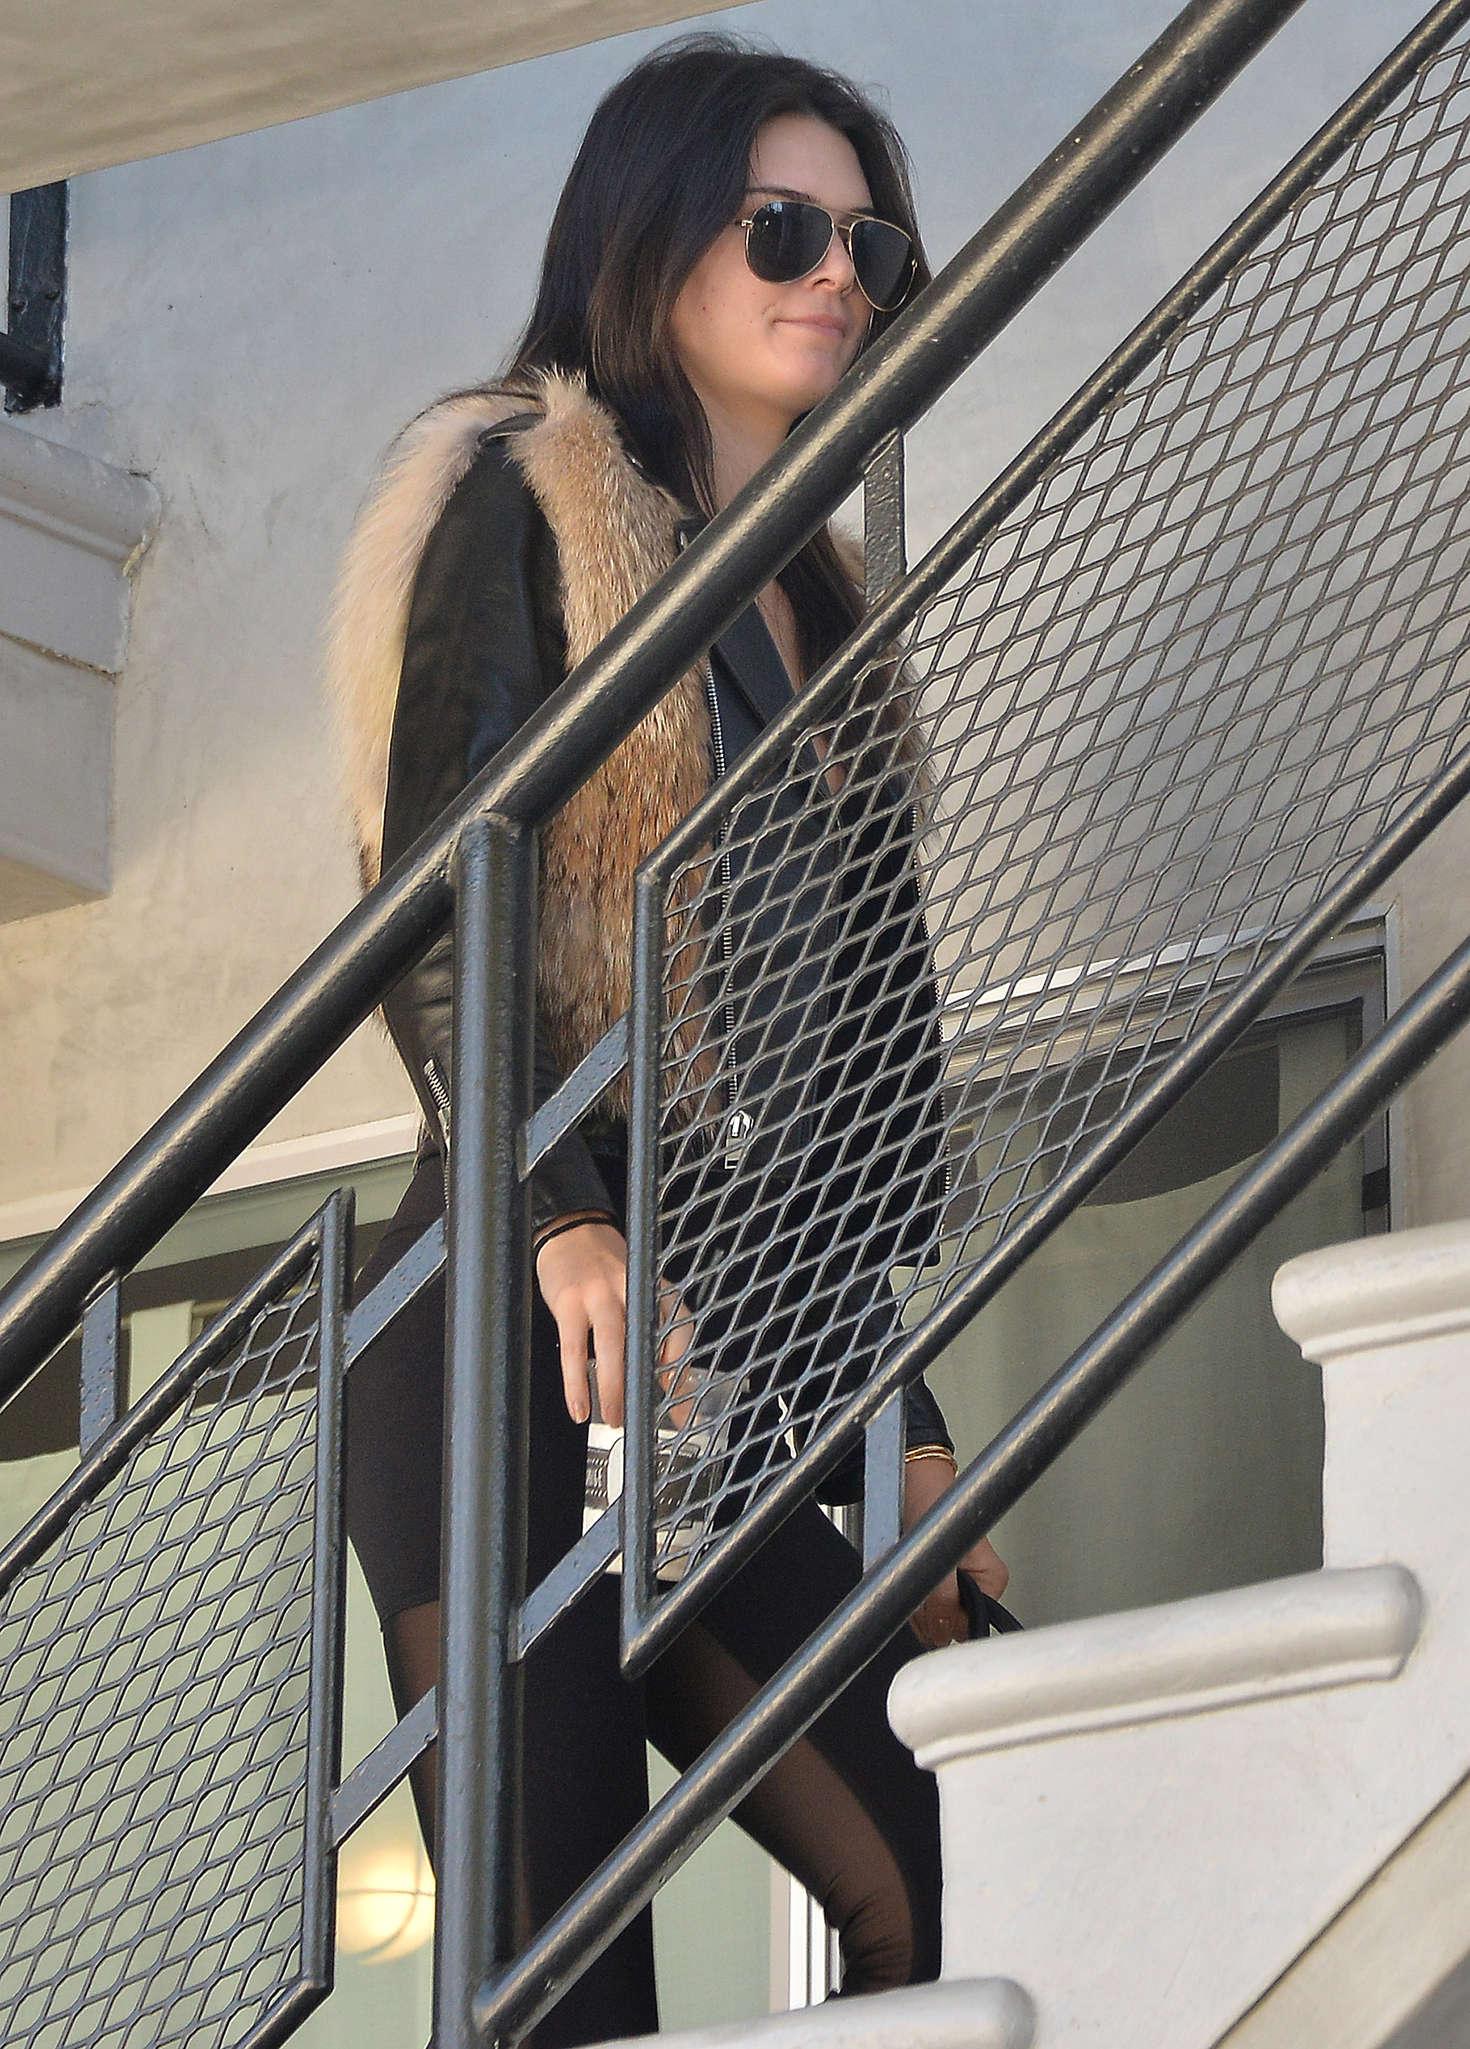 Kendall Jenner 2016 : Kendall Jenner in Leggings -01